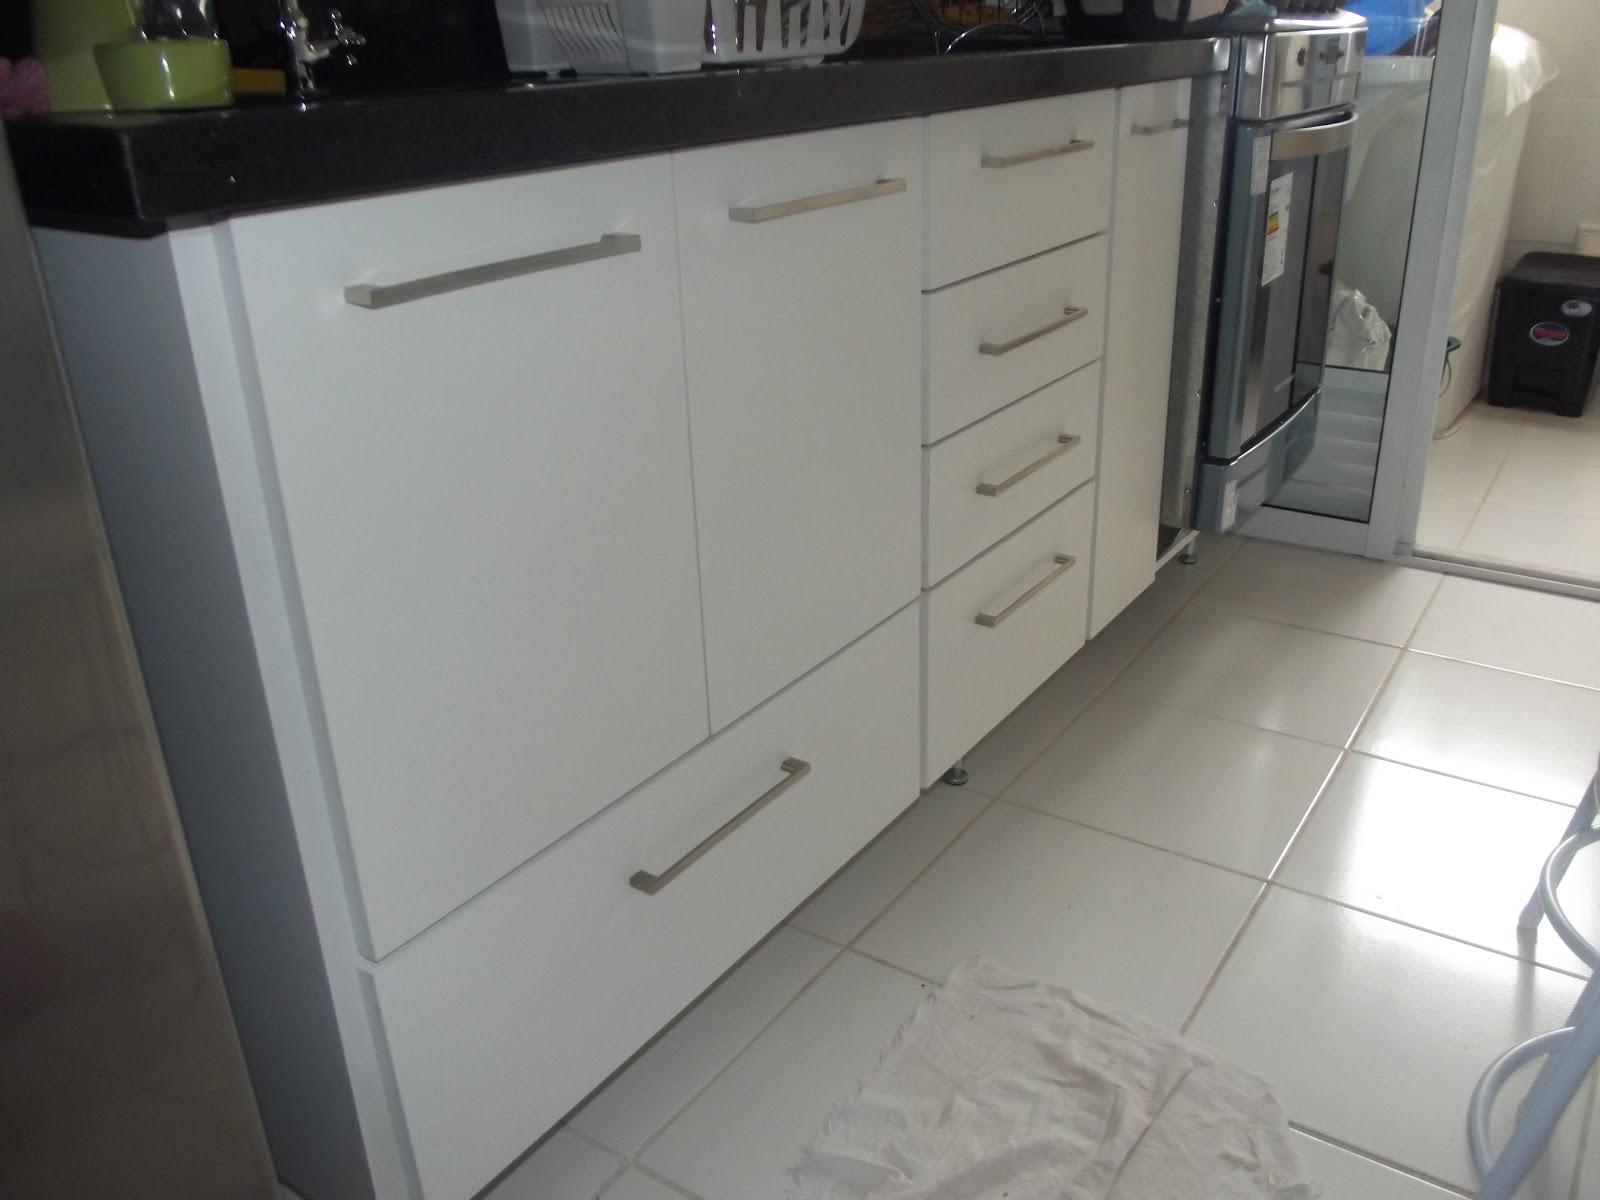 PROJETOS EM MADEIRA MACIÇA E MOVEIS SOB MEDIDA: Cozinha Banheiro e  #57534A 1600 1200